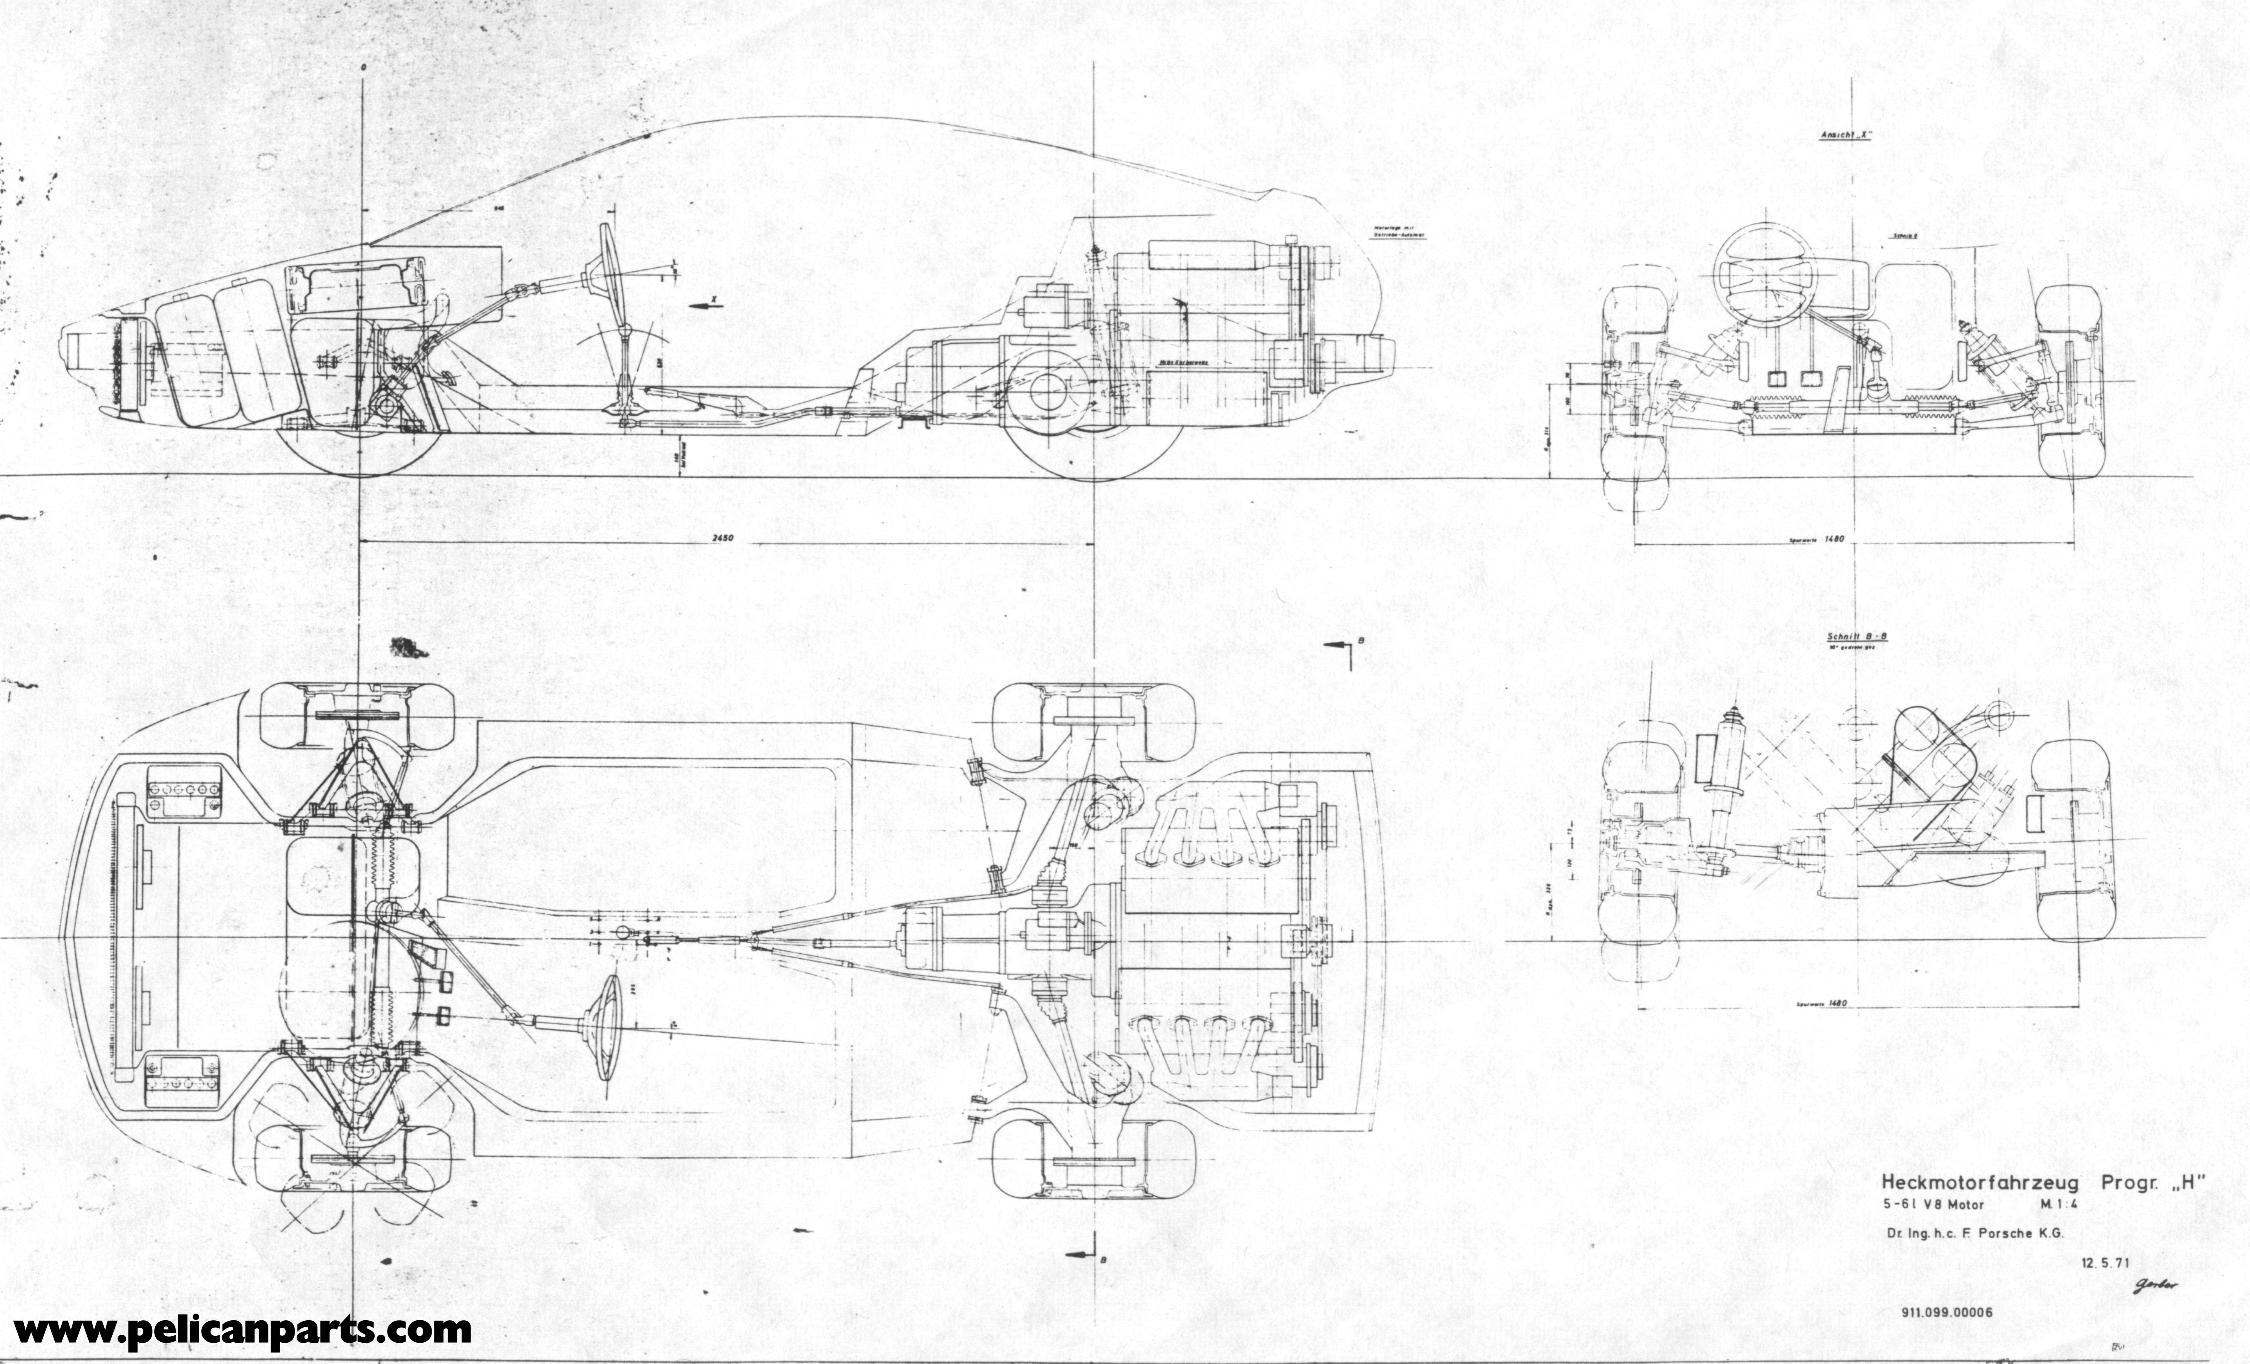 v8 engine blueprints - photo #5